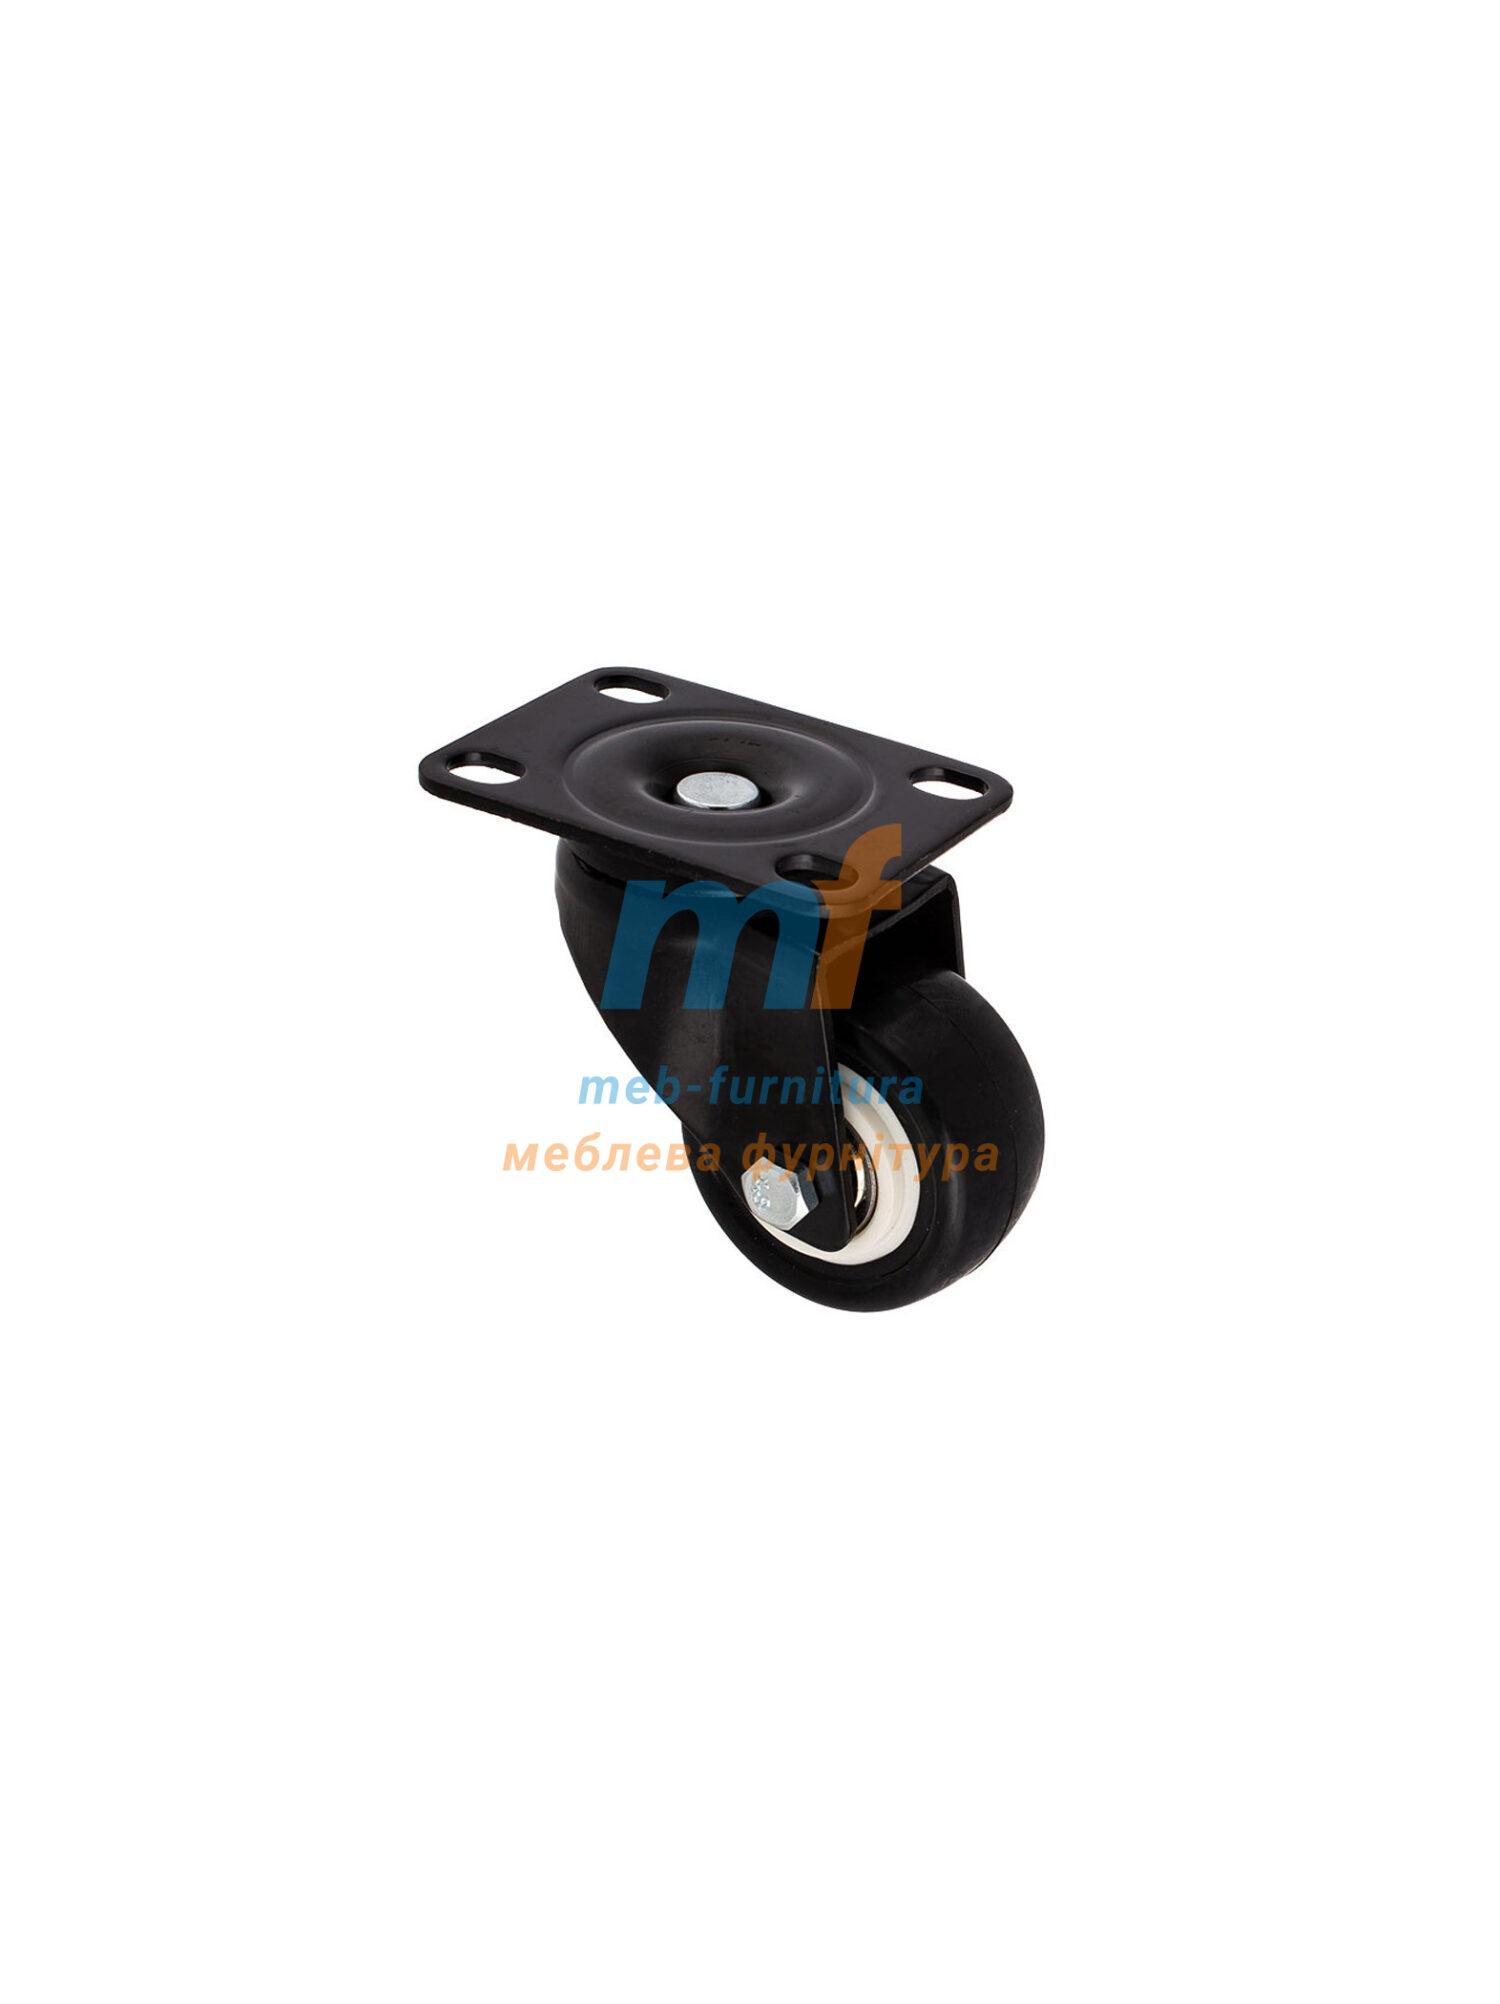 Колесо резина на платформе 50мм (3-001)